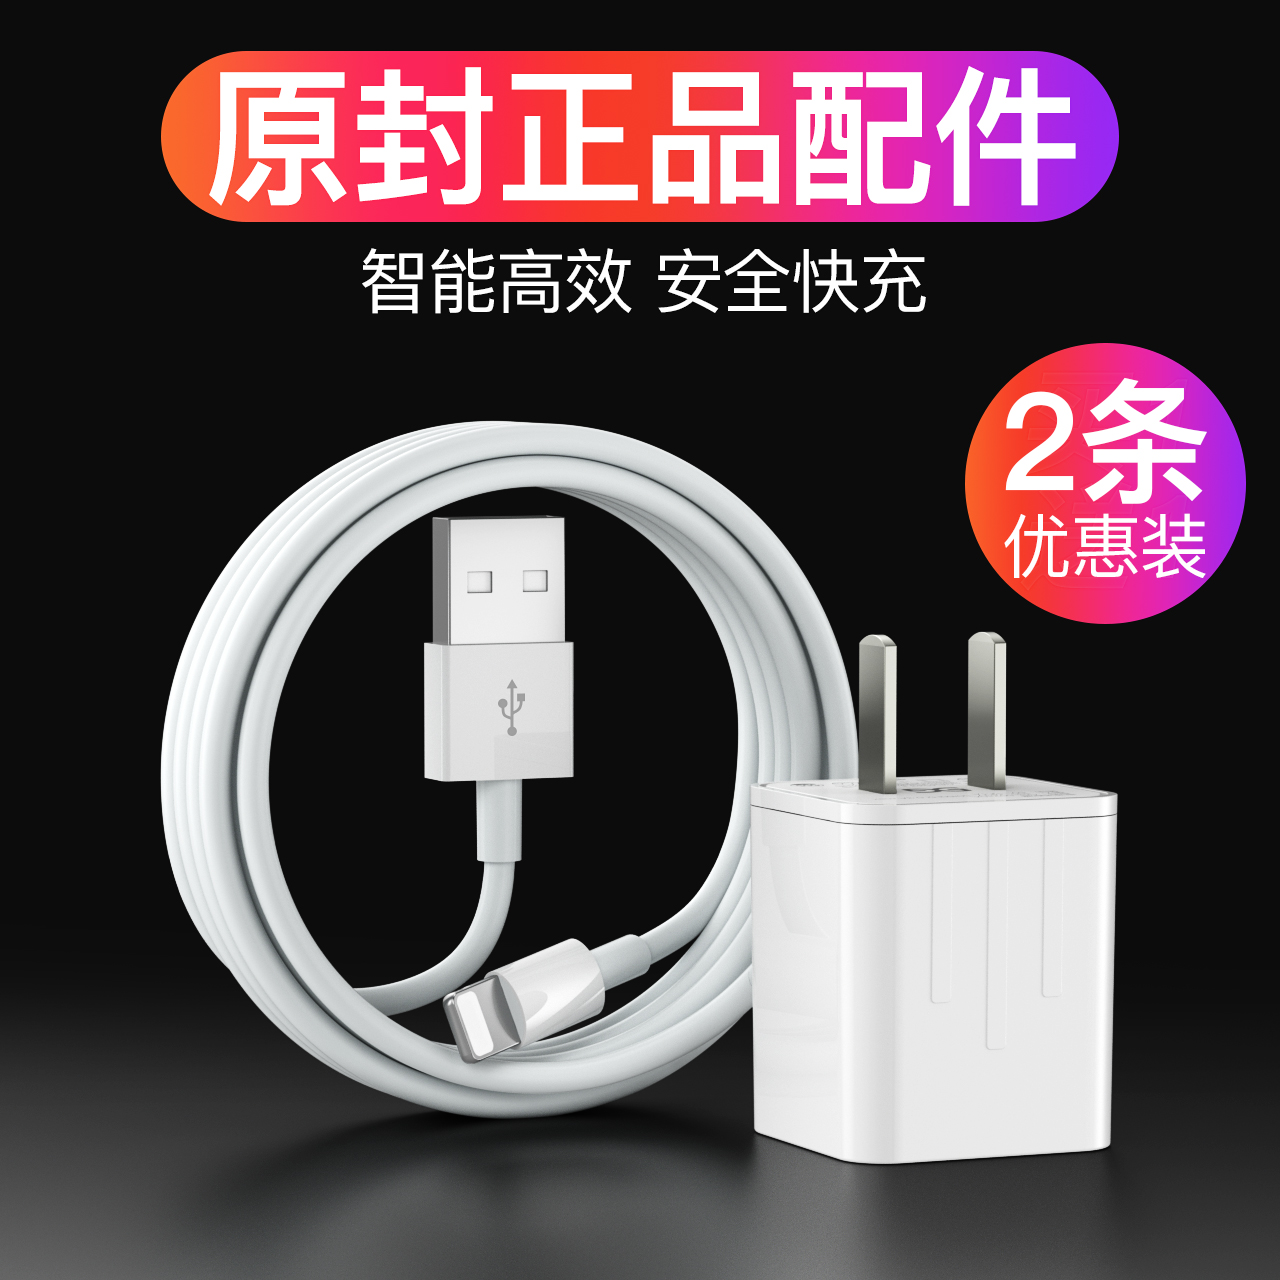 iPhone6数据线苹果6s手机x充电线器7sp六iphonex平板八xs max适用闪充xr7Plus加长5s快充1米